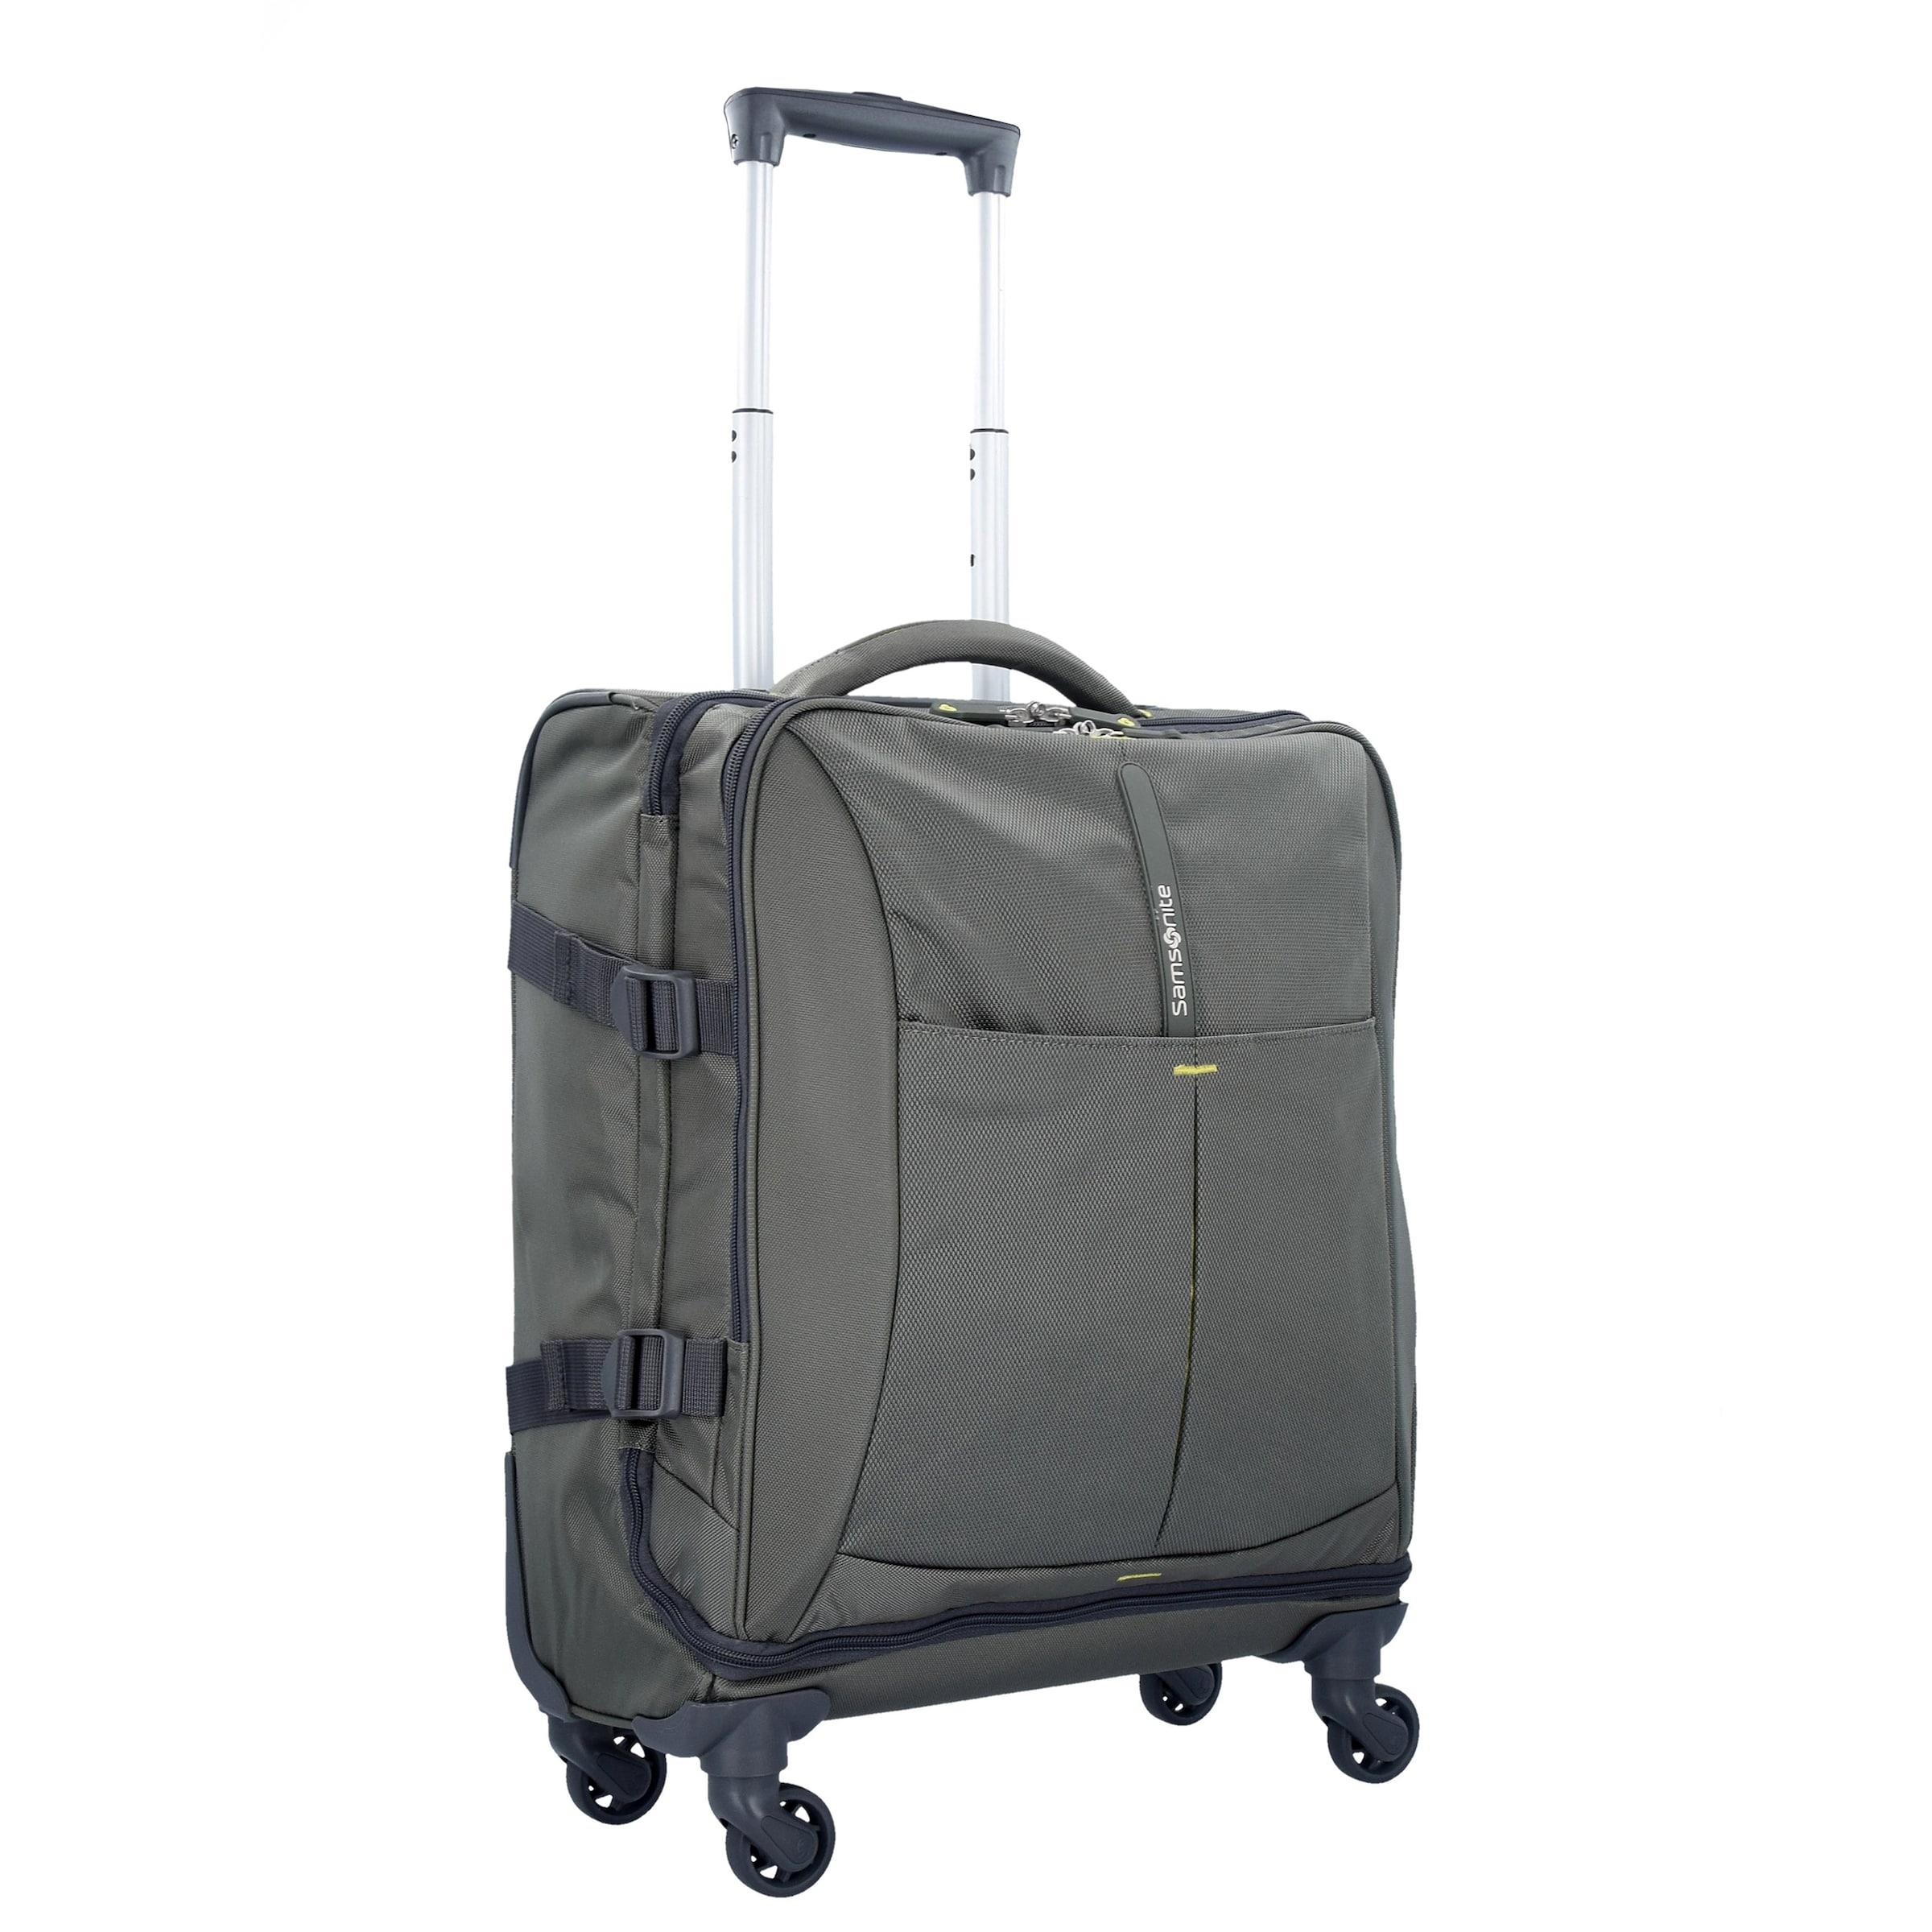 SAMSONITE 4Mation Spinner 4-Rollen Reisetasche 55 cm Rabatt Footlocker Aaa Qualität Rabatt Angebote Günstige Spielraum tMV7D